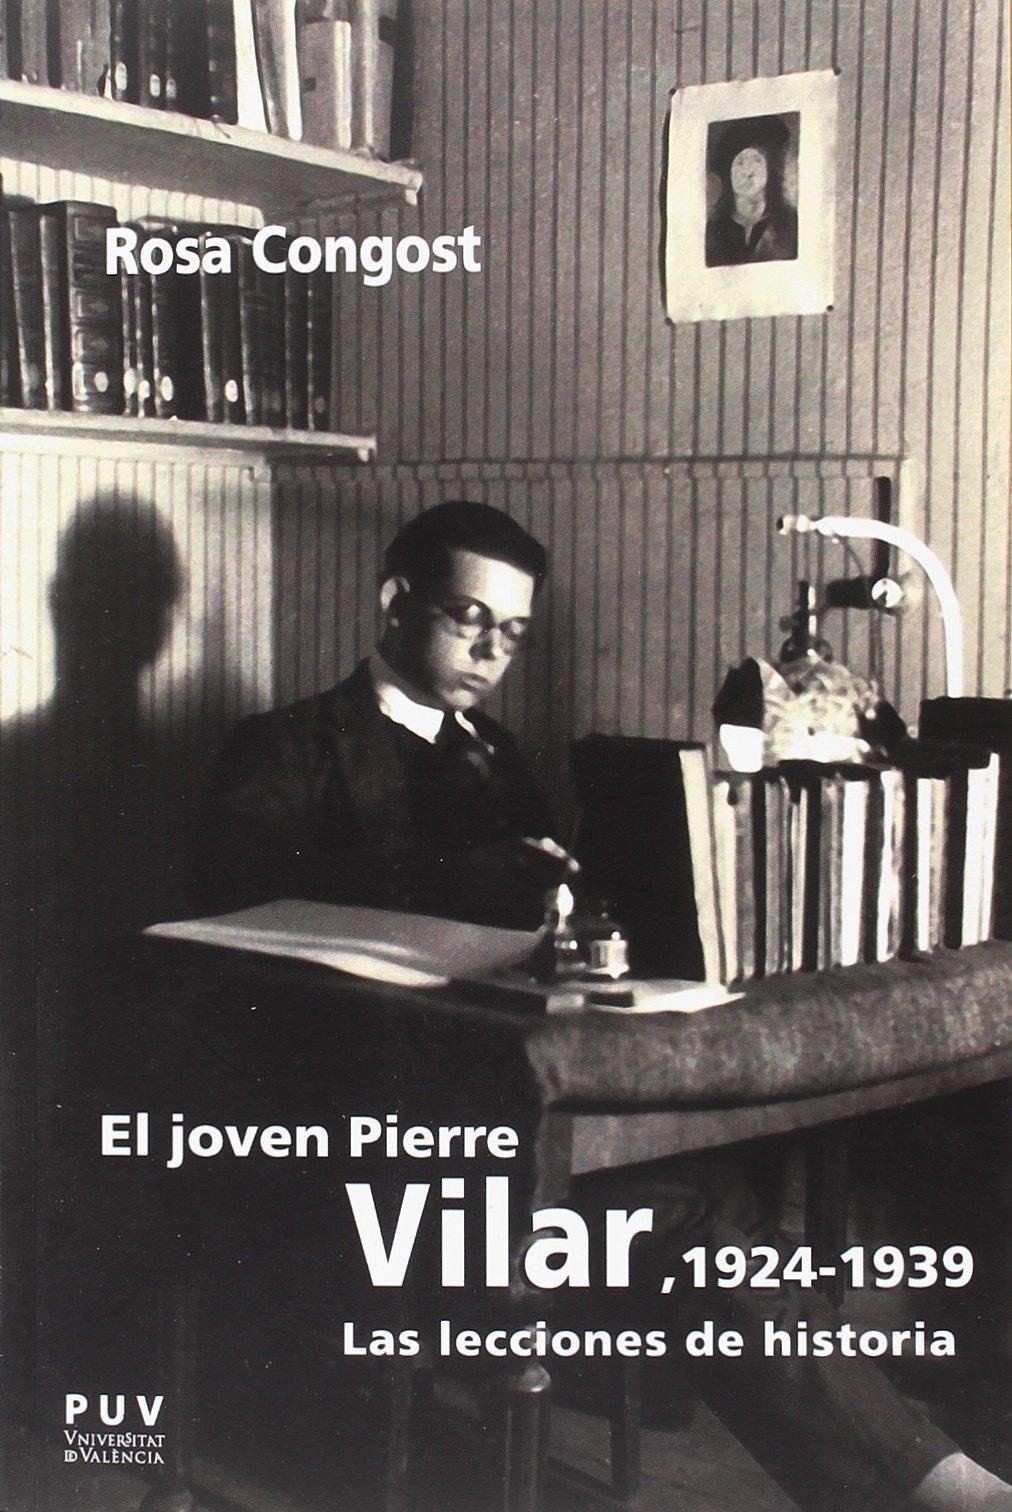 Joven Pierre Vilar,El, 1924-1939: Las lecciones de historia: 25 BIOGRAFÍAS: Amazon.es: Congost Colomer, María Rosa: Libros